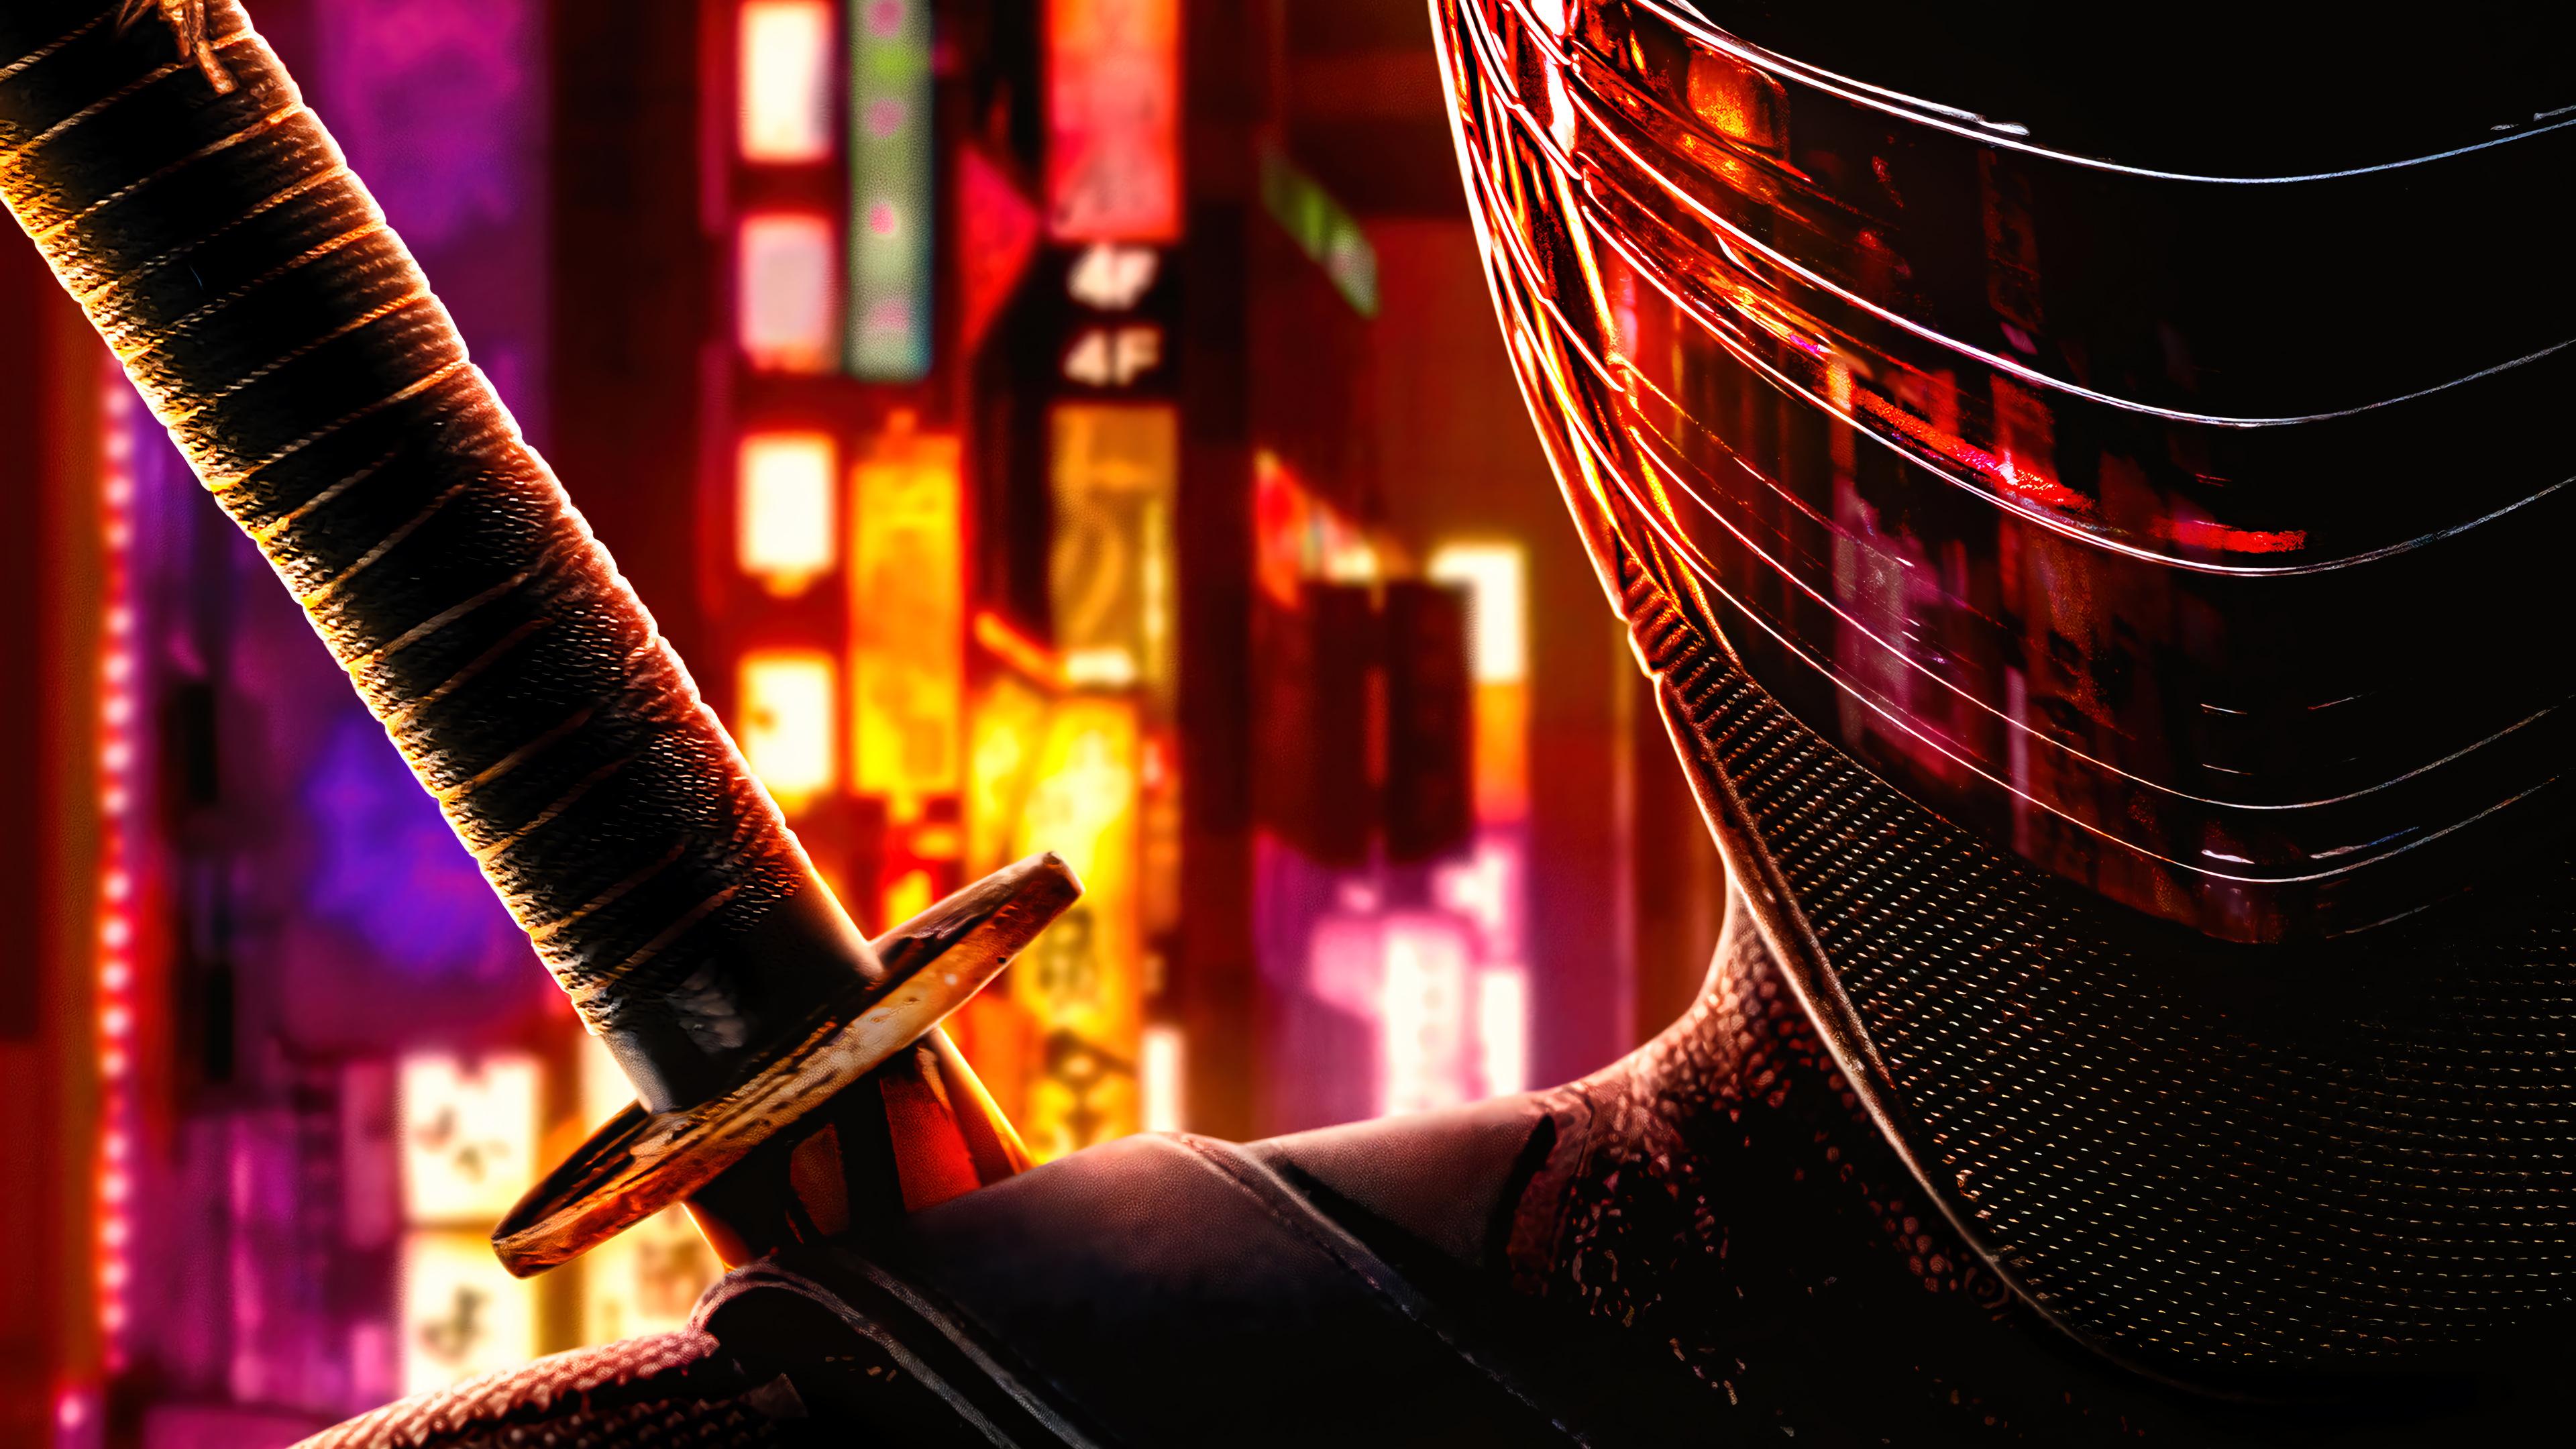 Wallpaper Snake Eyes Movie Poster